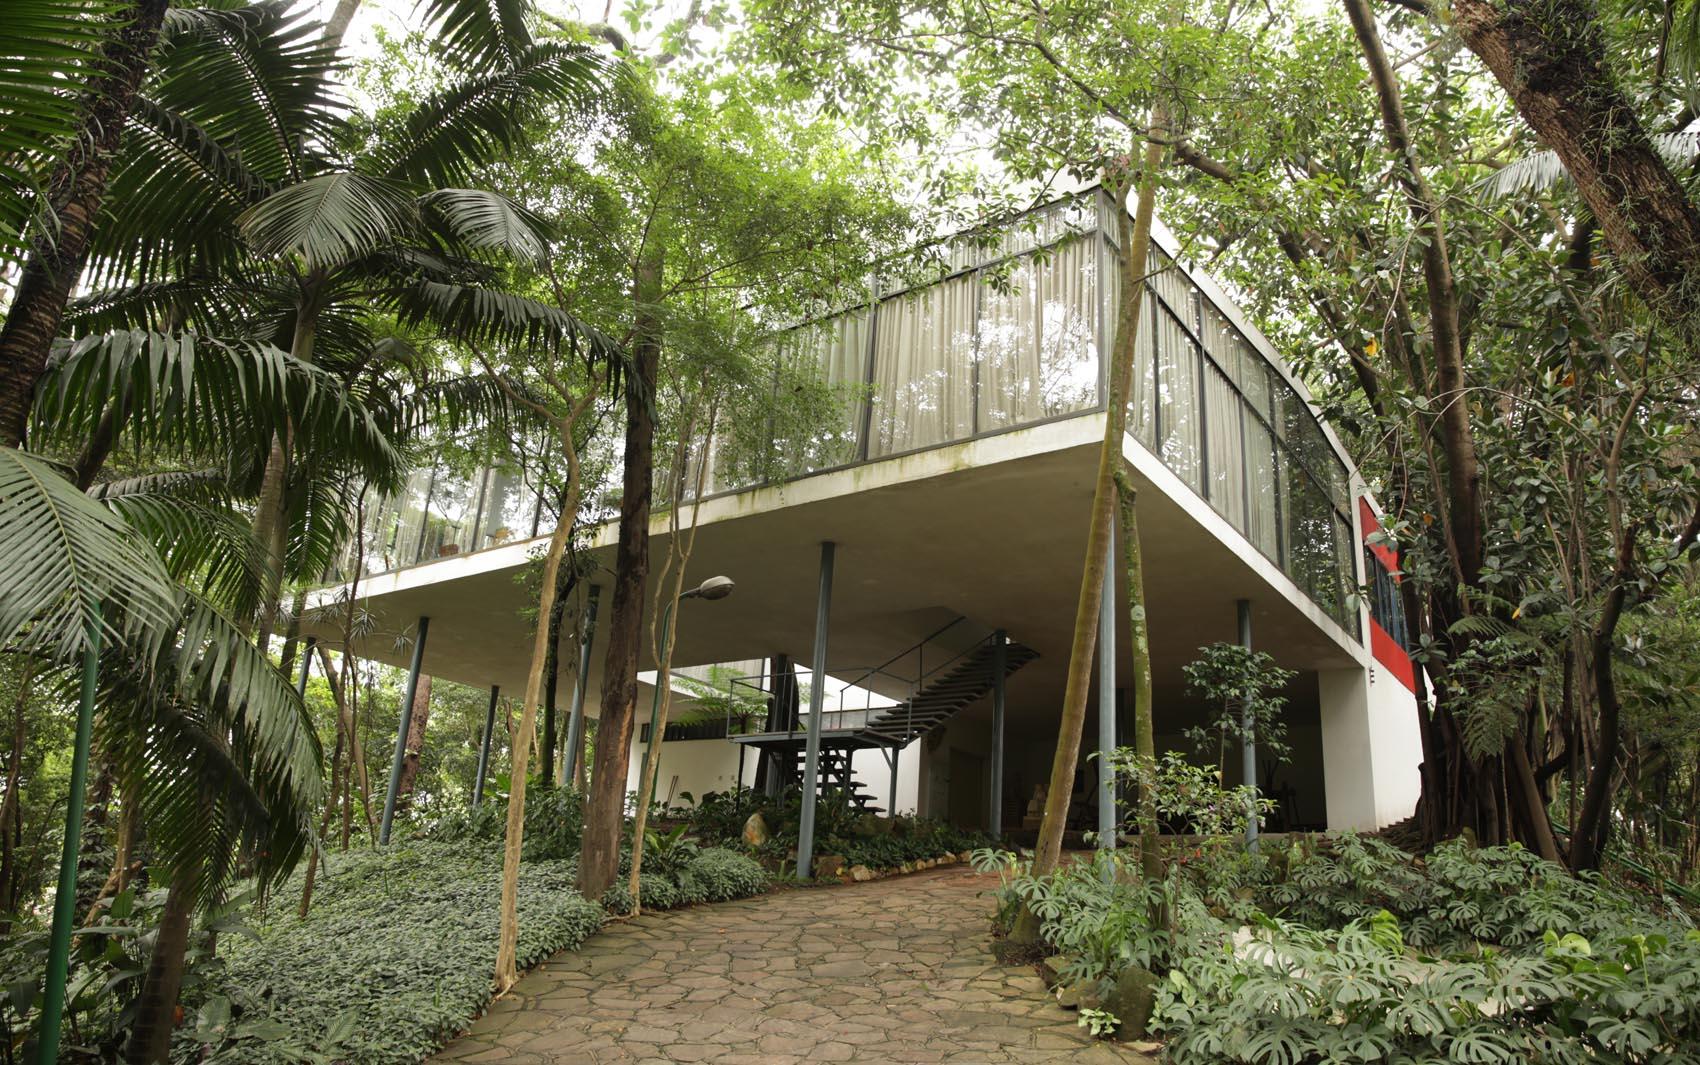 lina bo bardi a arquiteta2 - Maiores arquitetos brasileiros: conheça os principais nomes da nossa arquitetura